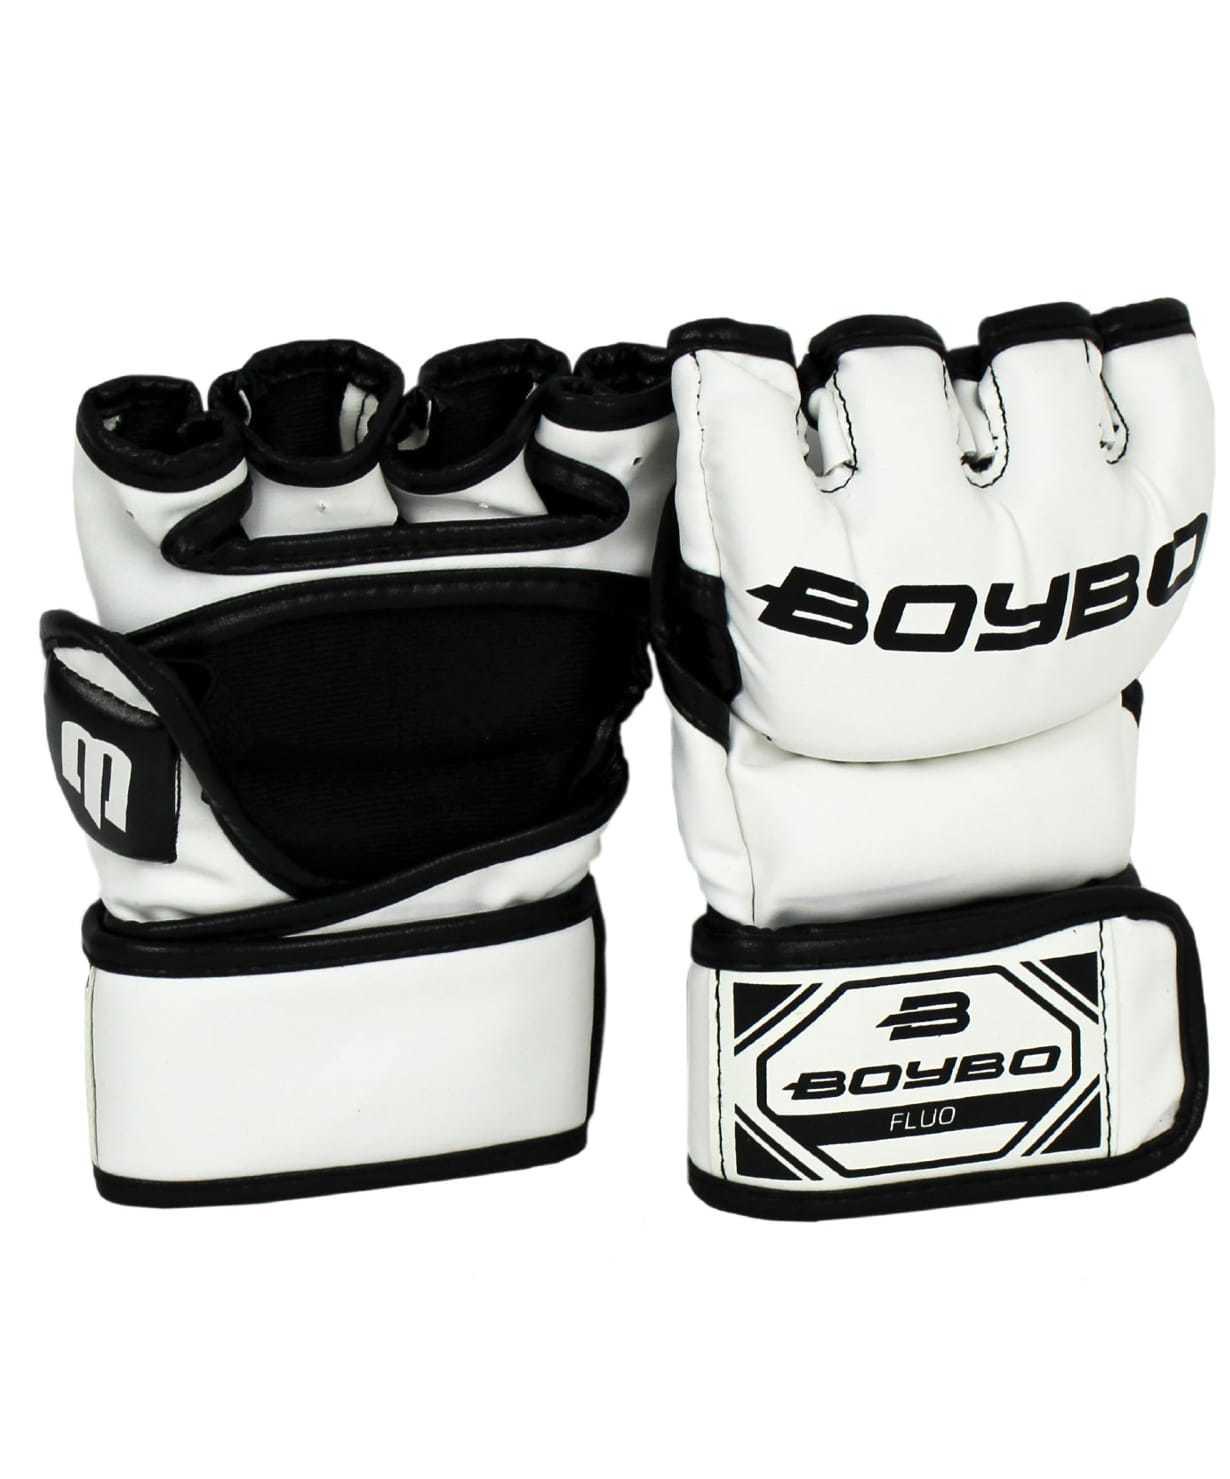 ММА перчатки Перчатки для MMA Fluo BoyBo a36c5bc193513e3fc99b096a0e640f11.jpg